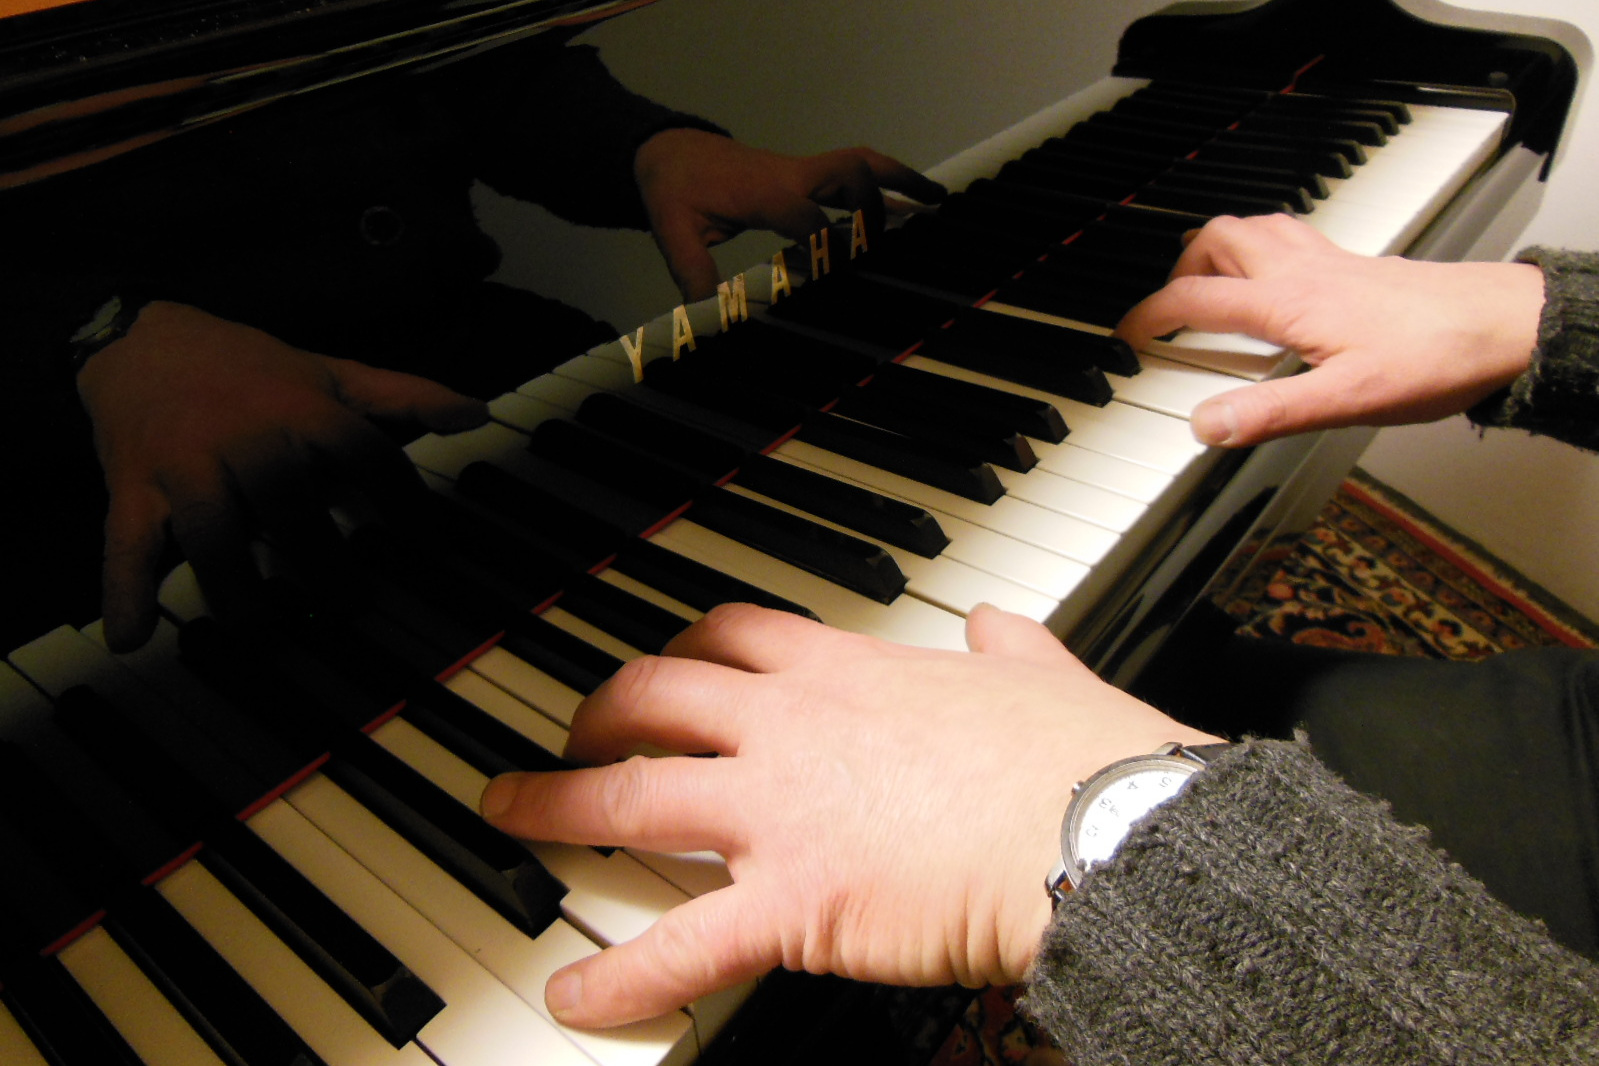 Klavierunterricht für Berufstätige - Klavierspielen als Hilfe zur Entspannung vom Alltagsstress-Sich Zeit nehmen zum Träumen